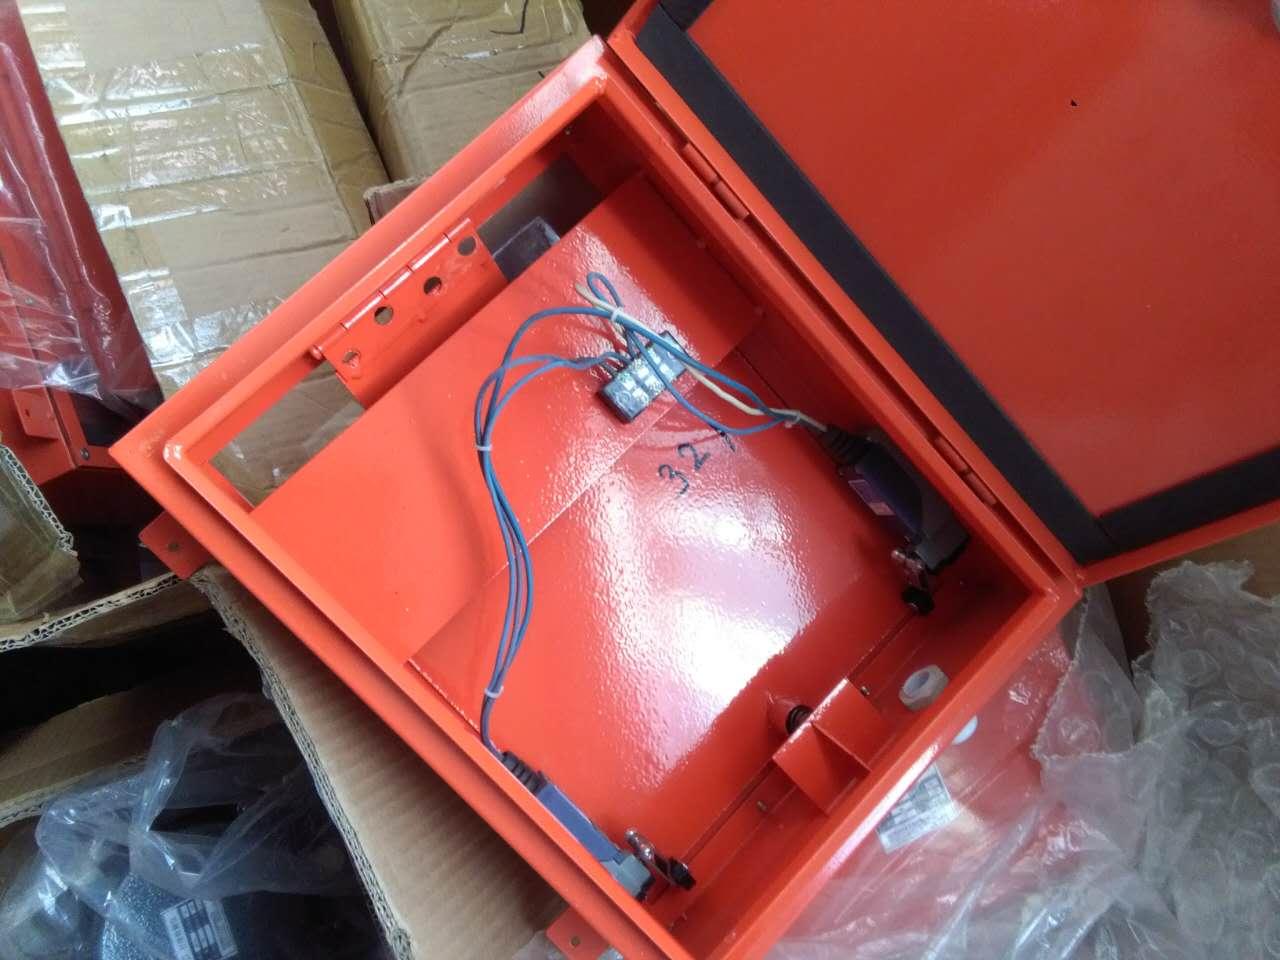 堵煤开关堵料开关化工厂溜槽堵塞检测器LDM系列溜槽堵塞检测器